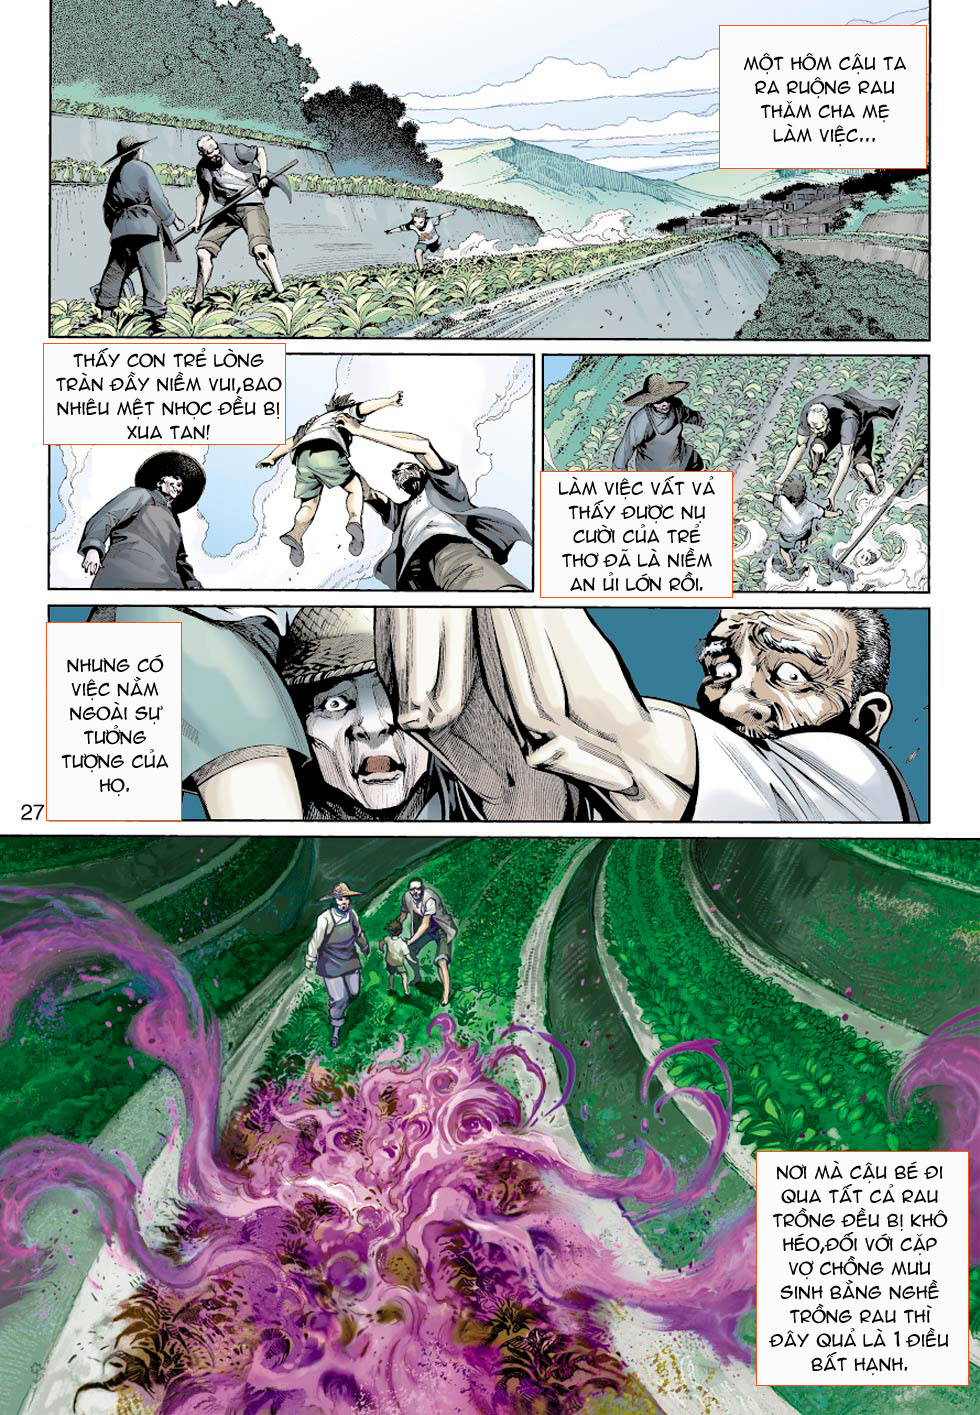 Thần Binh 4 chap 5 - Trang 27